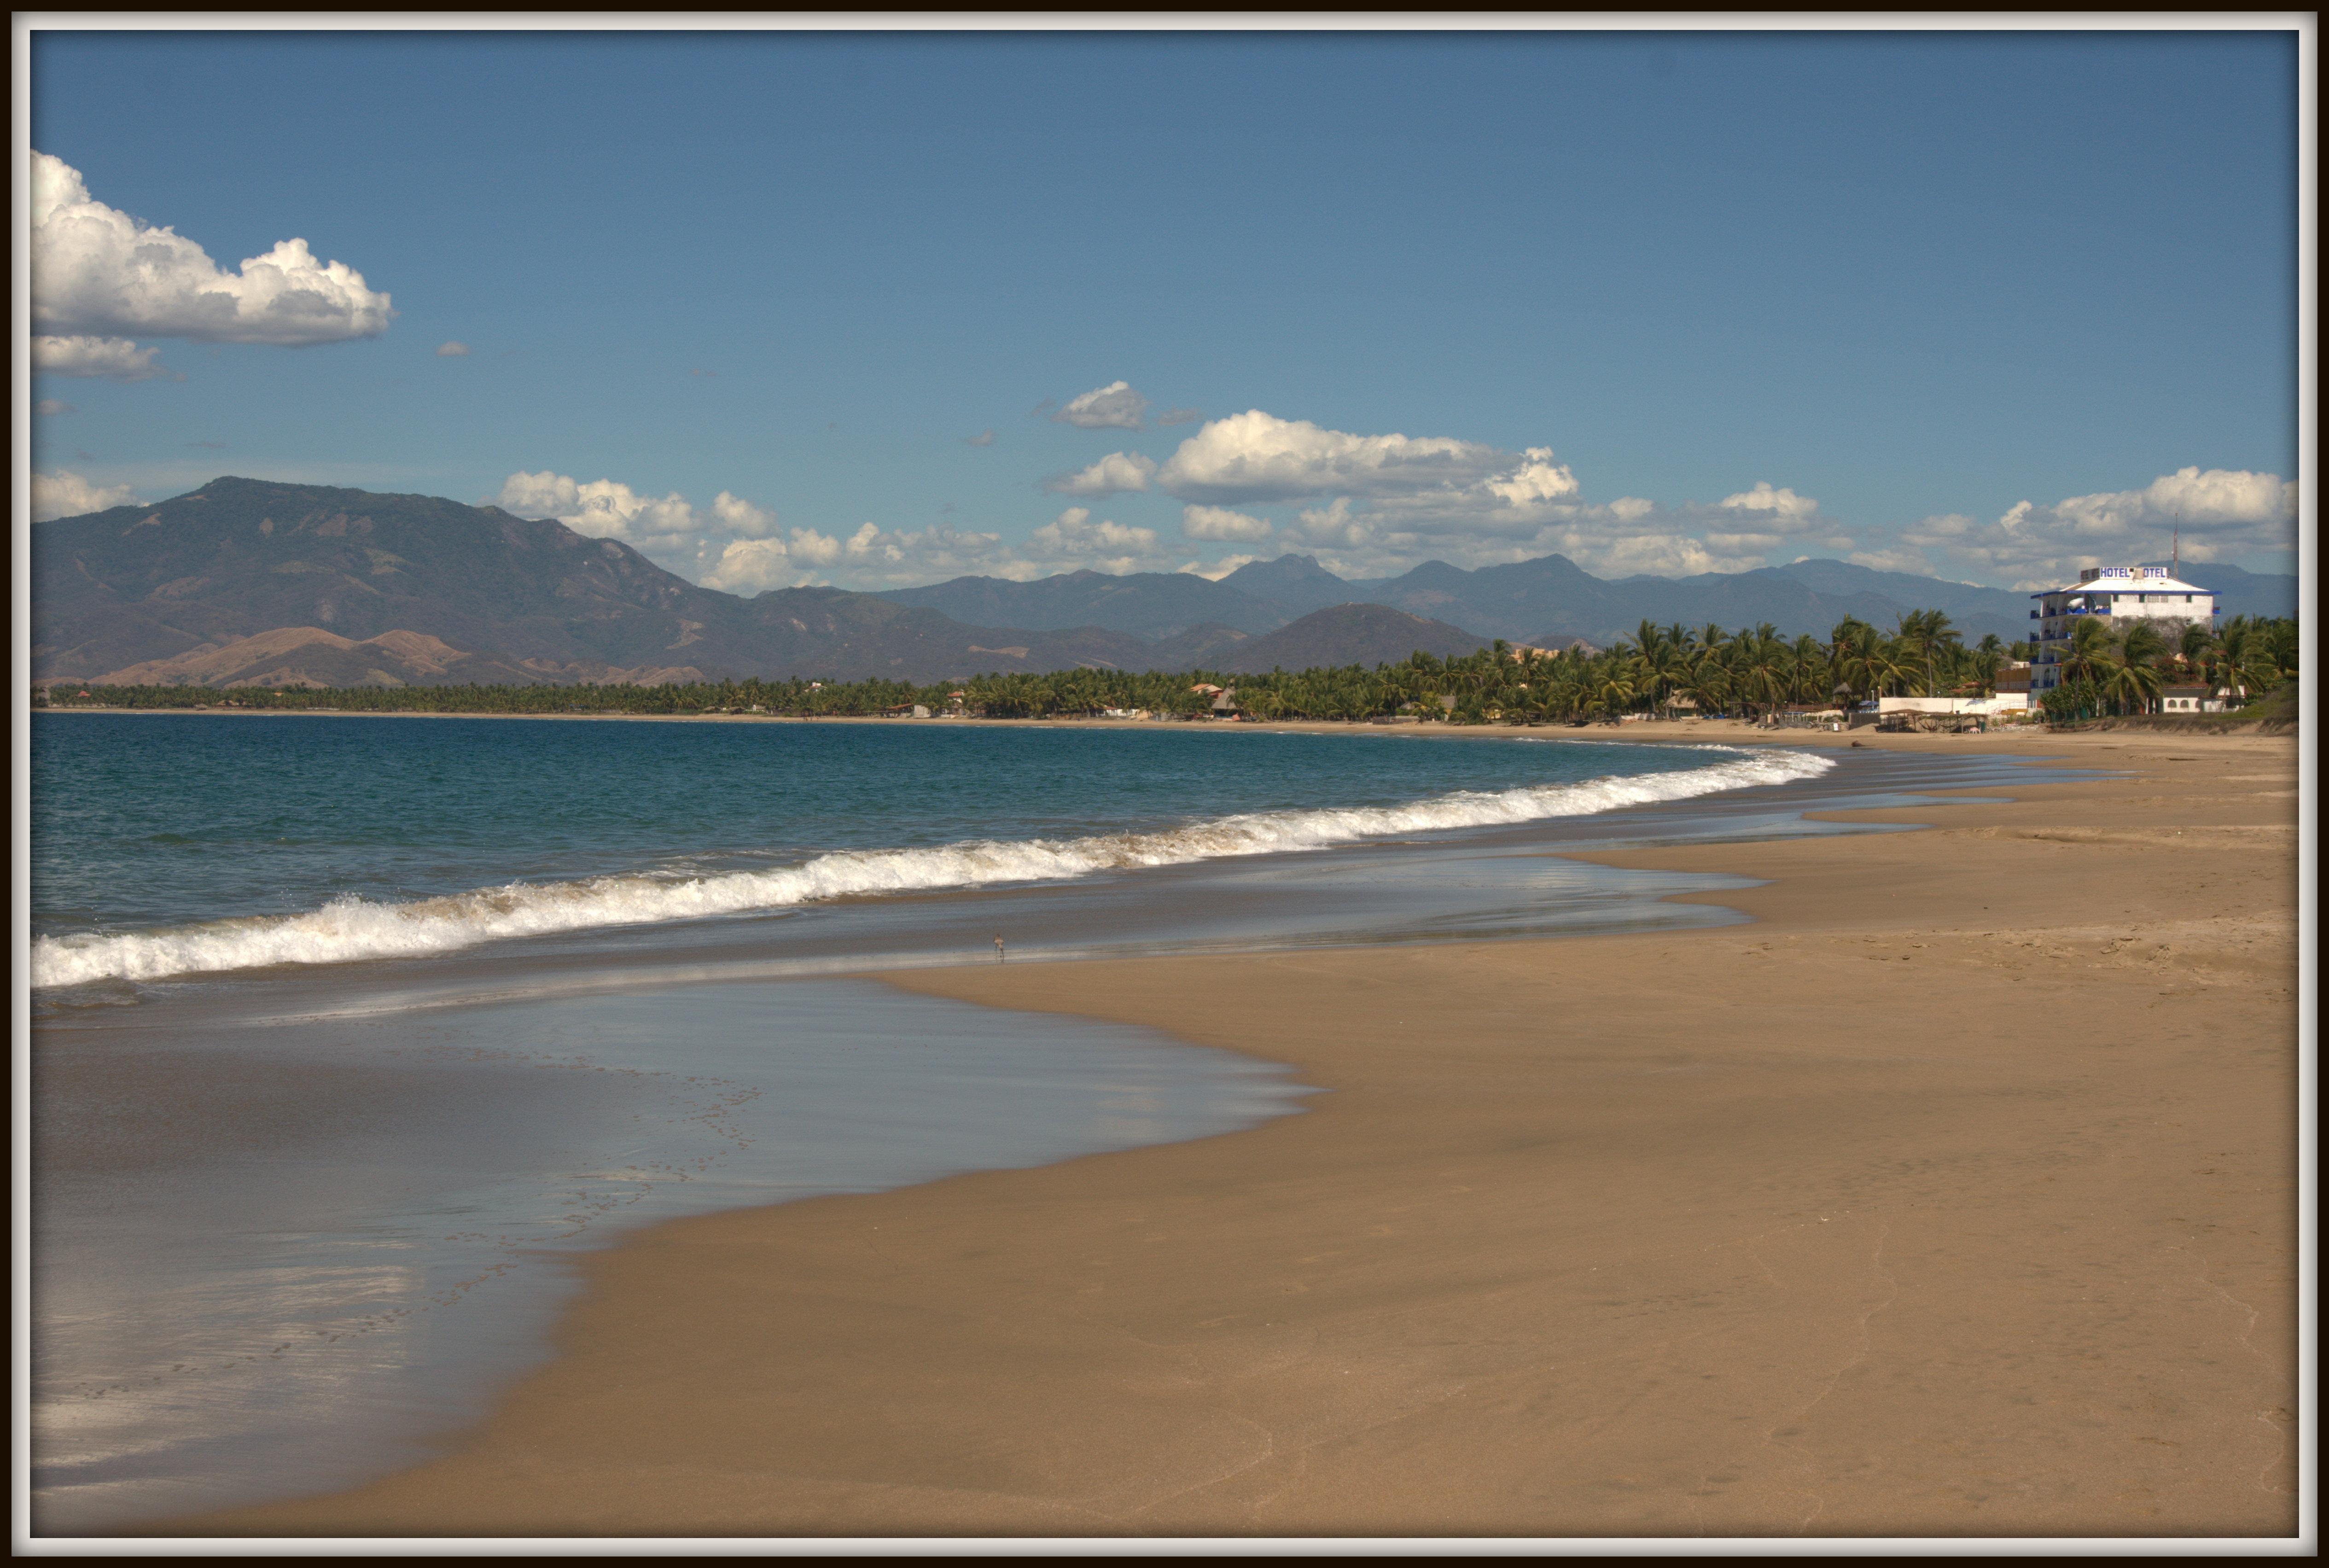 playas chatrooms Mix - las 10 mejores playas de cuba youtube 10 cosas que hacen de varadero un infierno - duration: 4:32 cubanos gur.